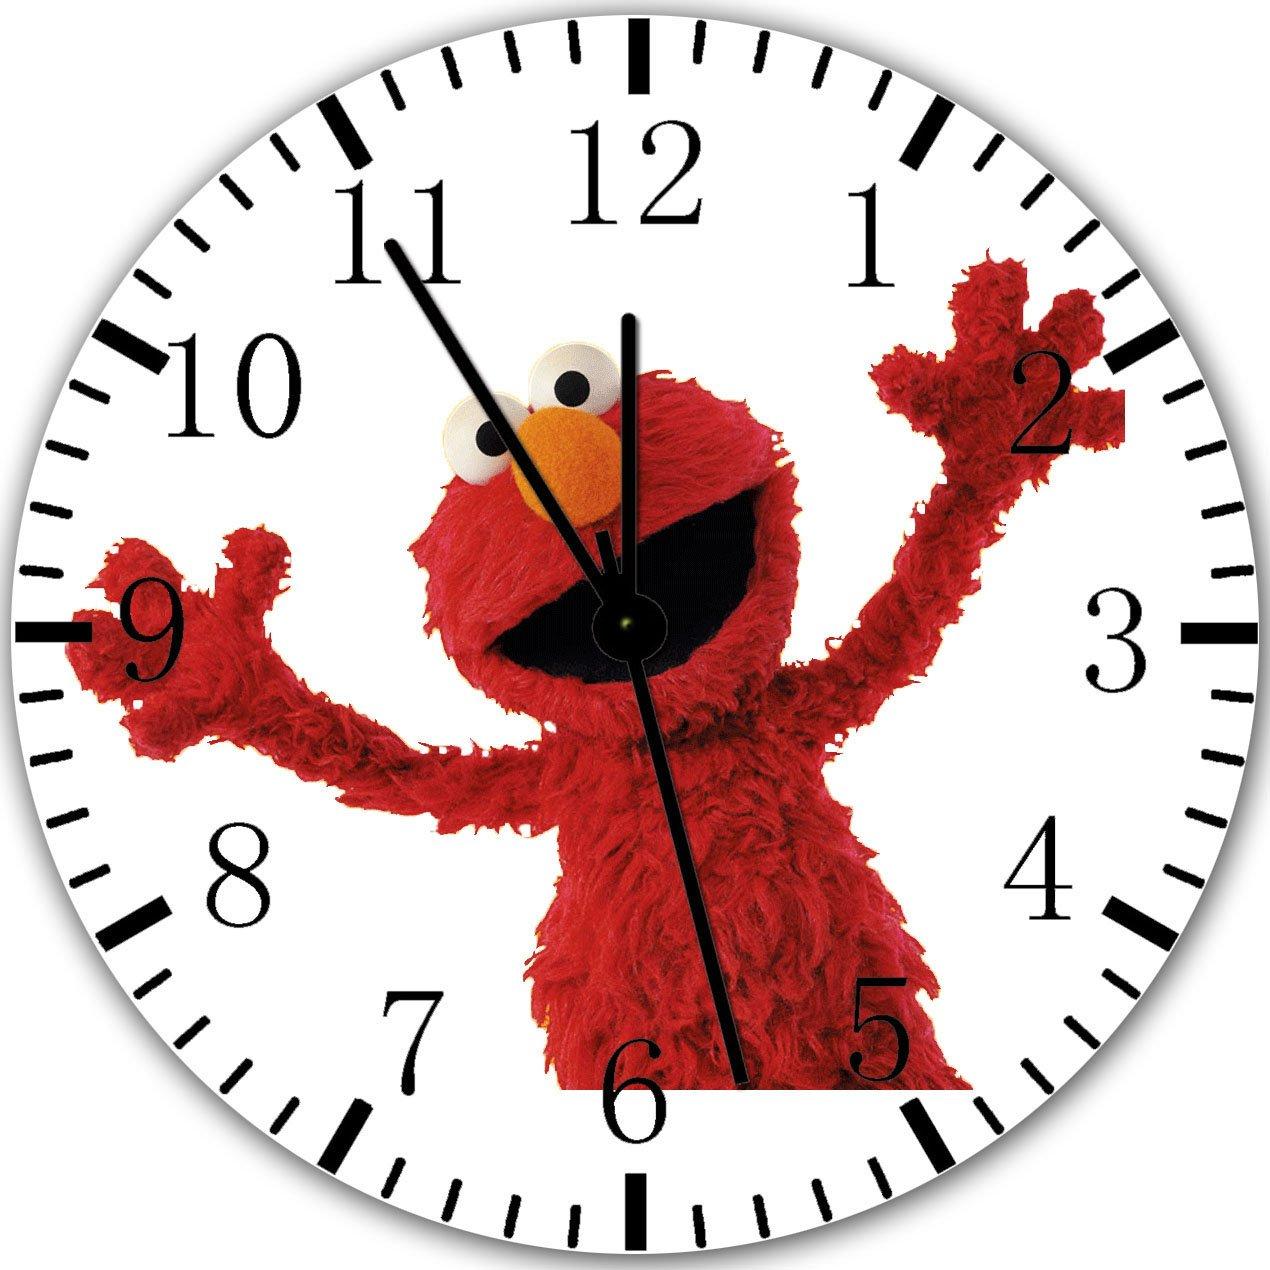 Elmo Sesame Street Frameless Borderless Wall Clock X31 Nice For Gift or Room Wall Decor